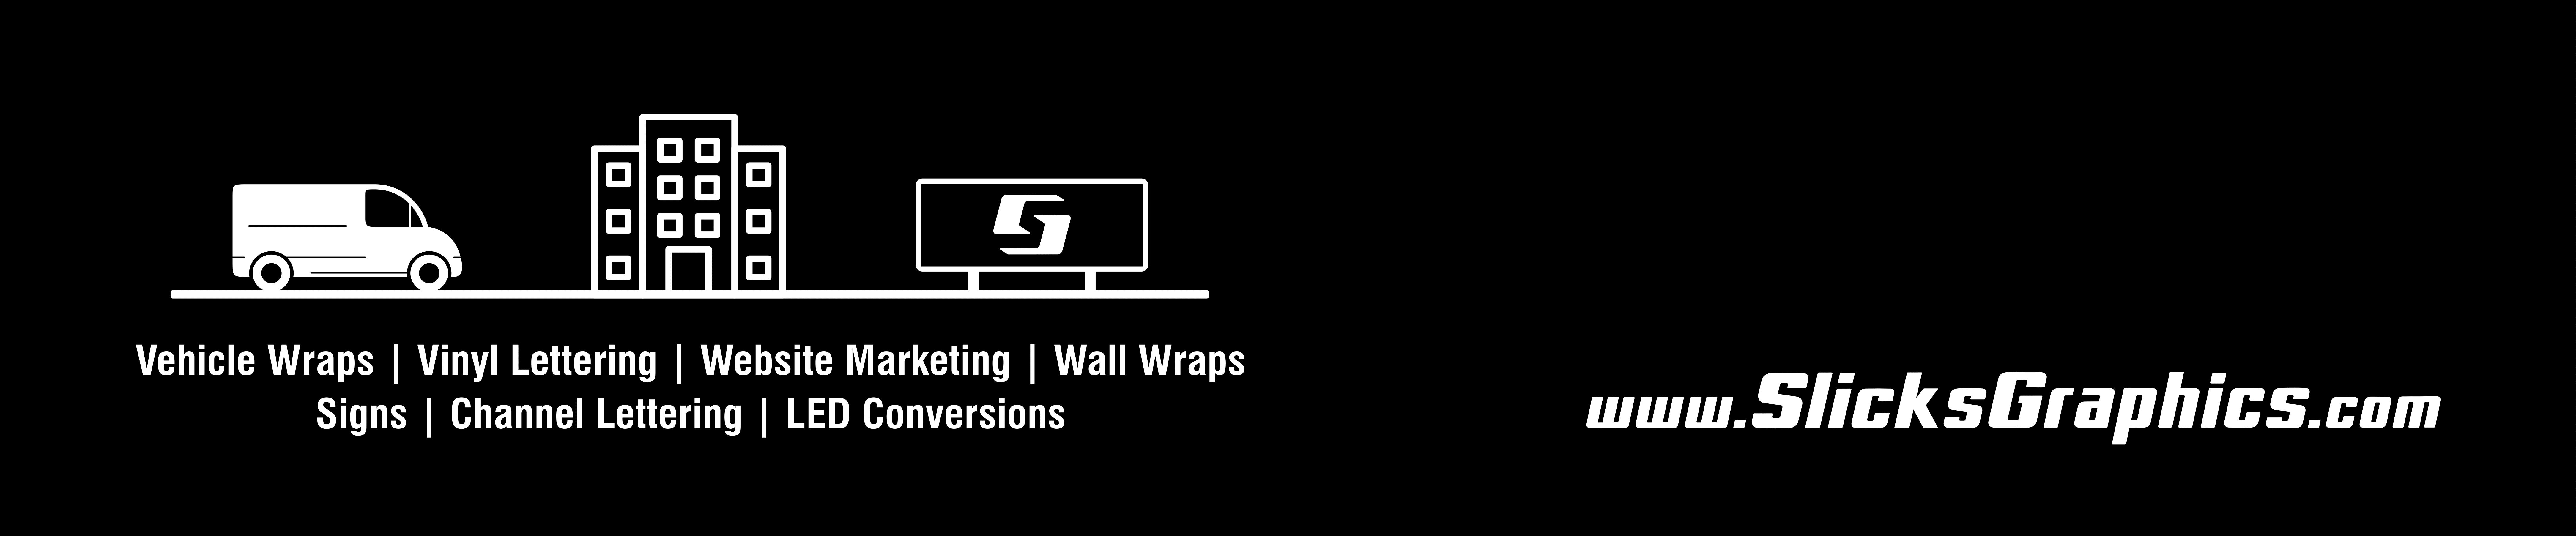 Slicks Graphics Inc